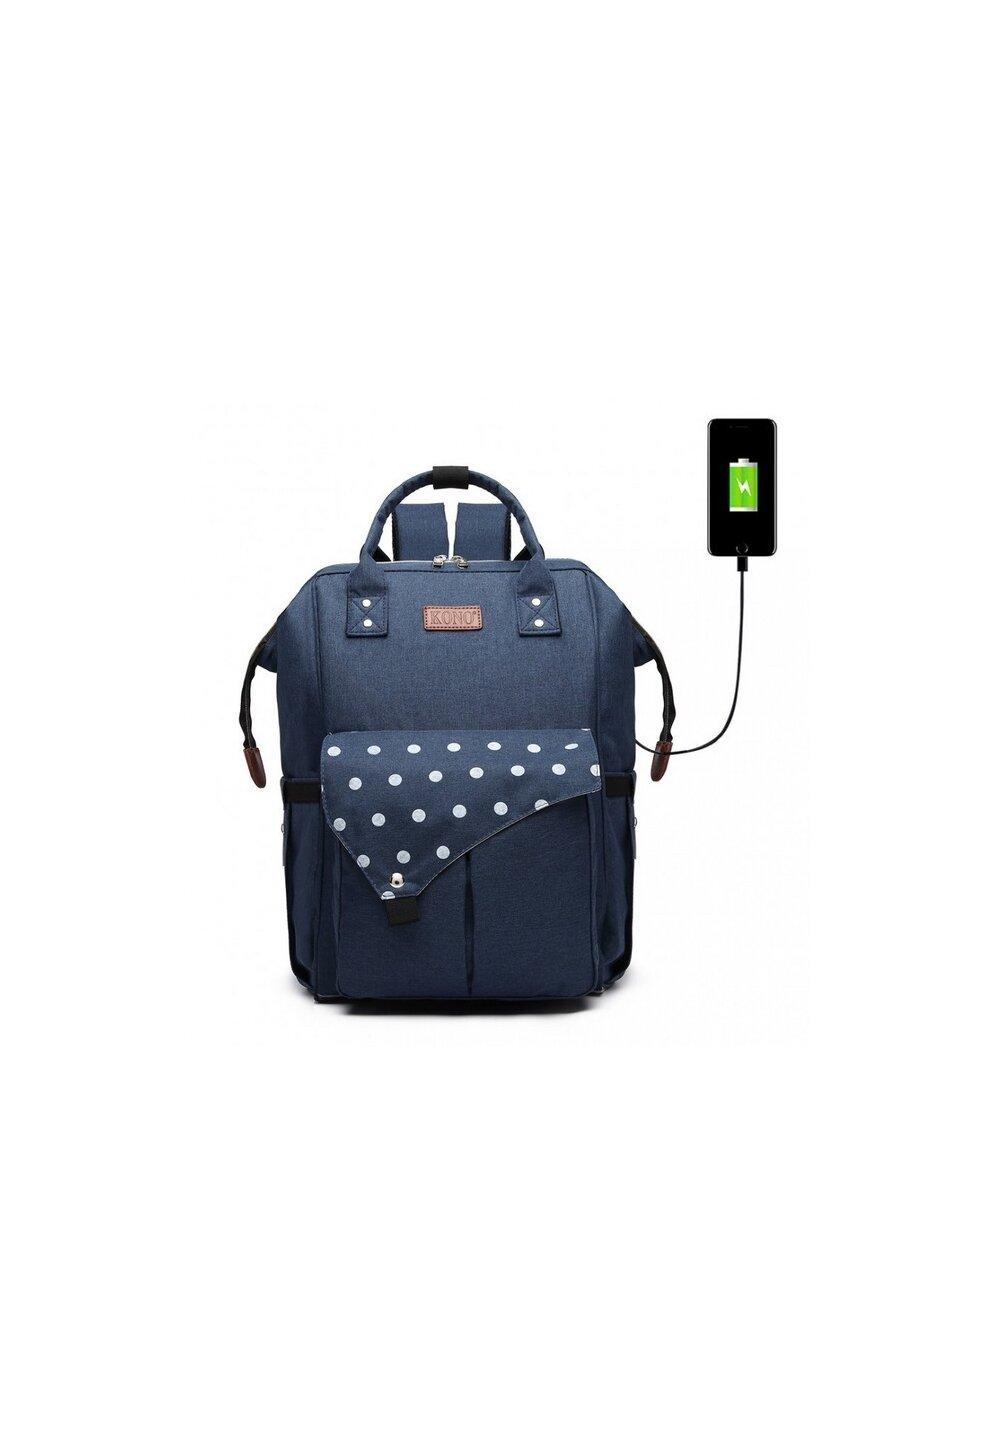 Rucsac pentru mamici, cu mufa USB, bluemarin cu buline mari imagine